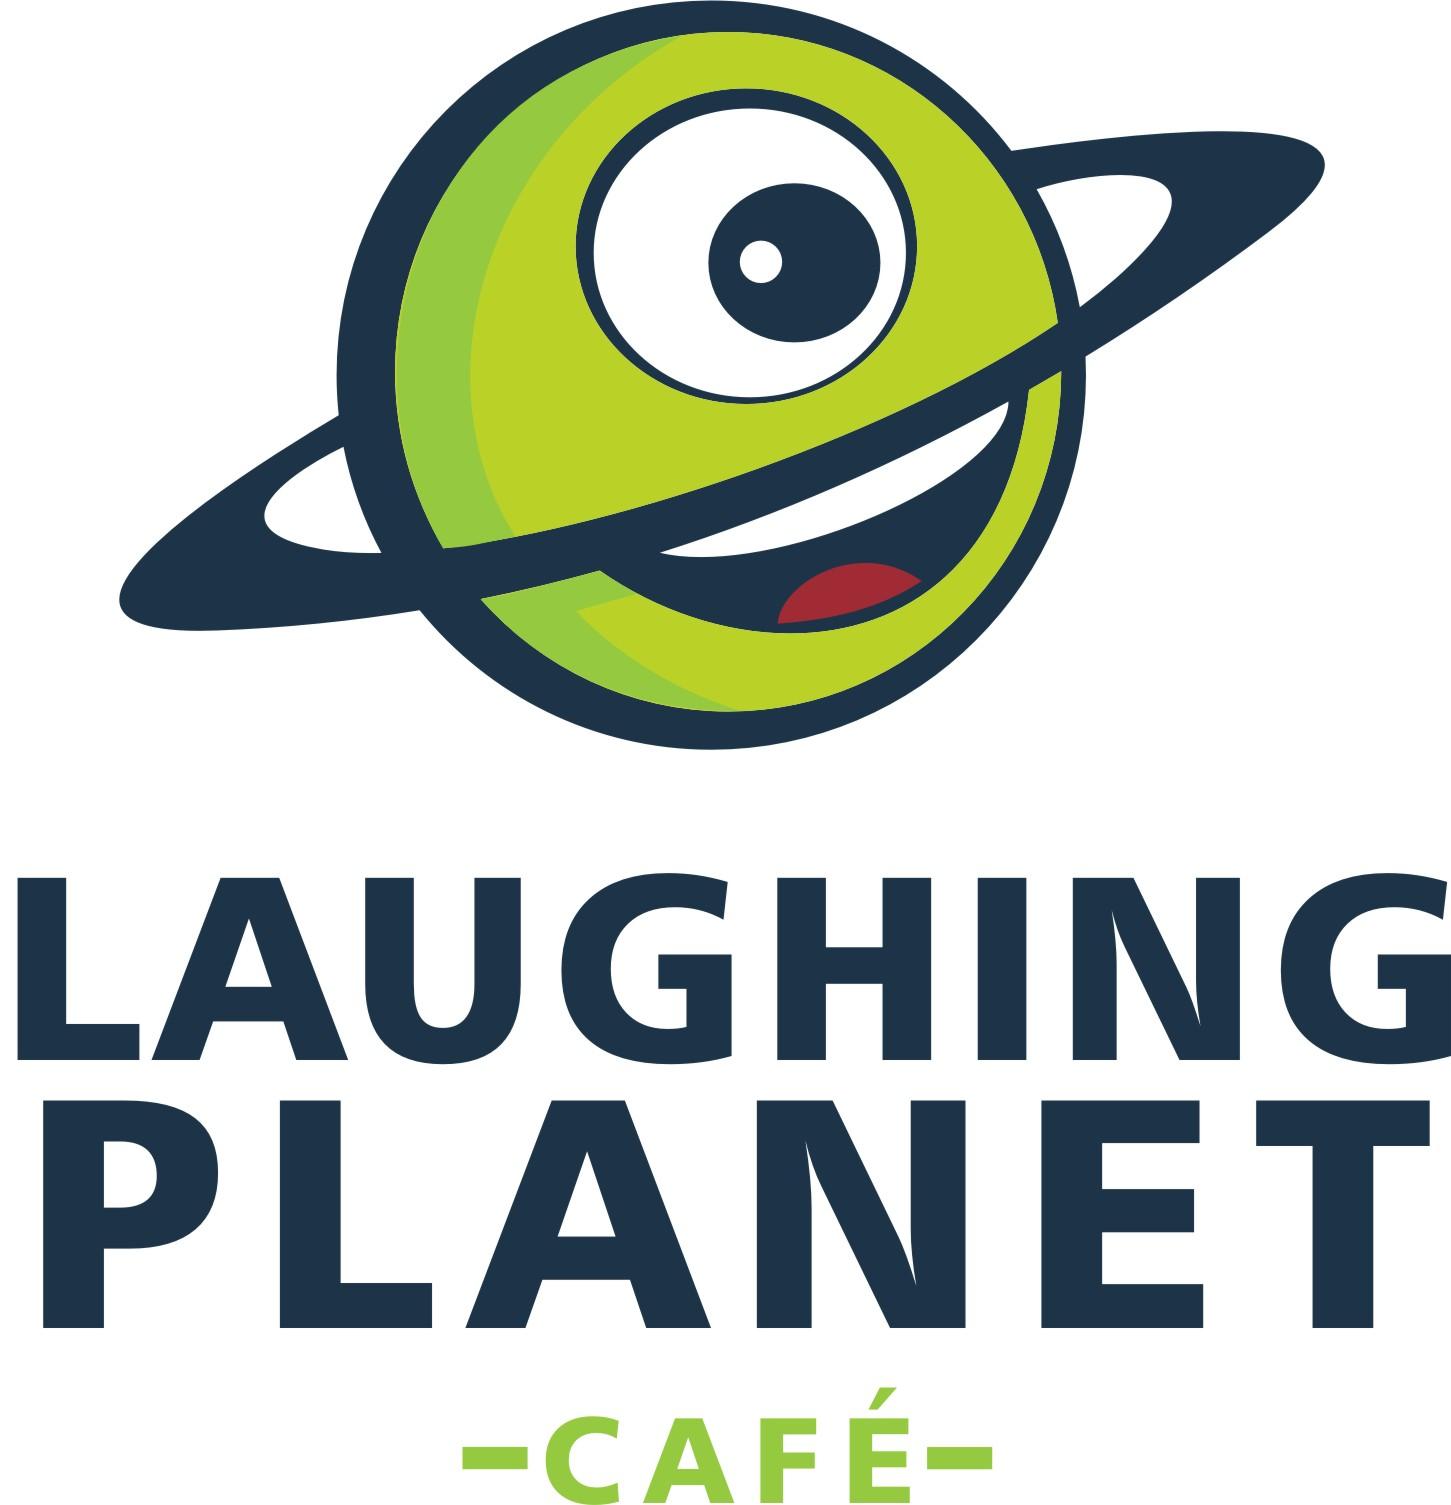 Laughing Planet logo.jpg